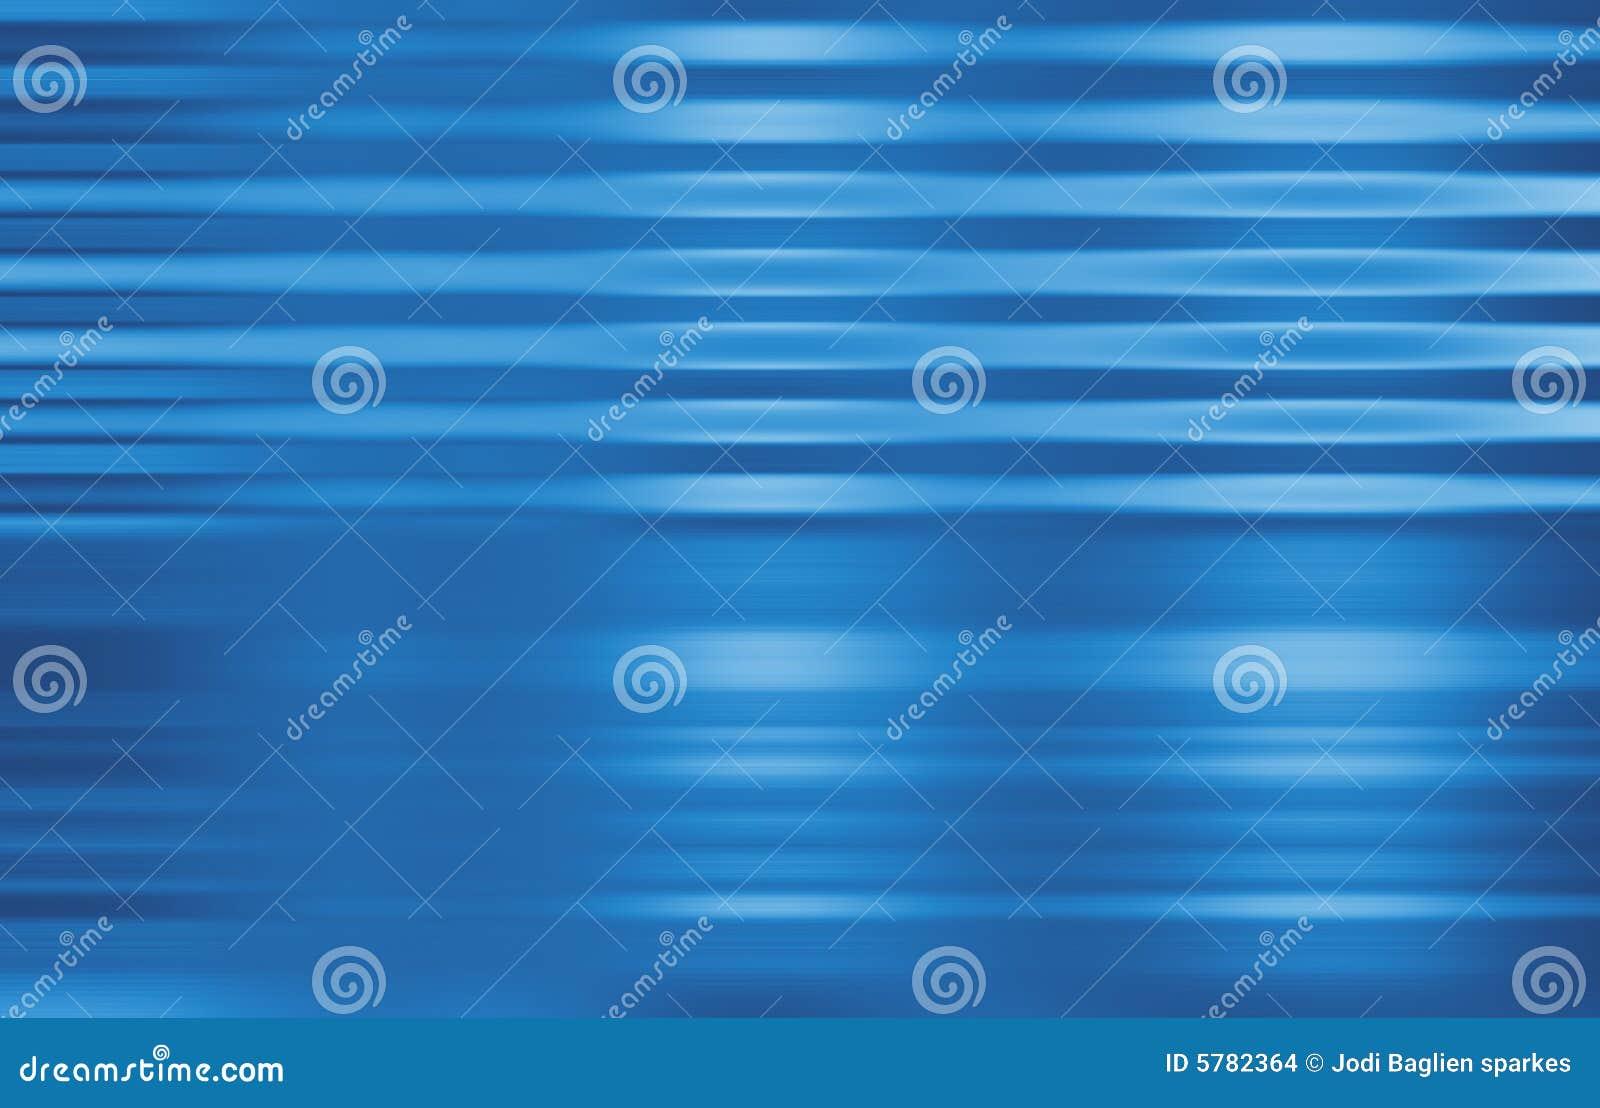 Interes się niebieski